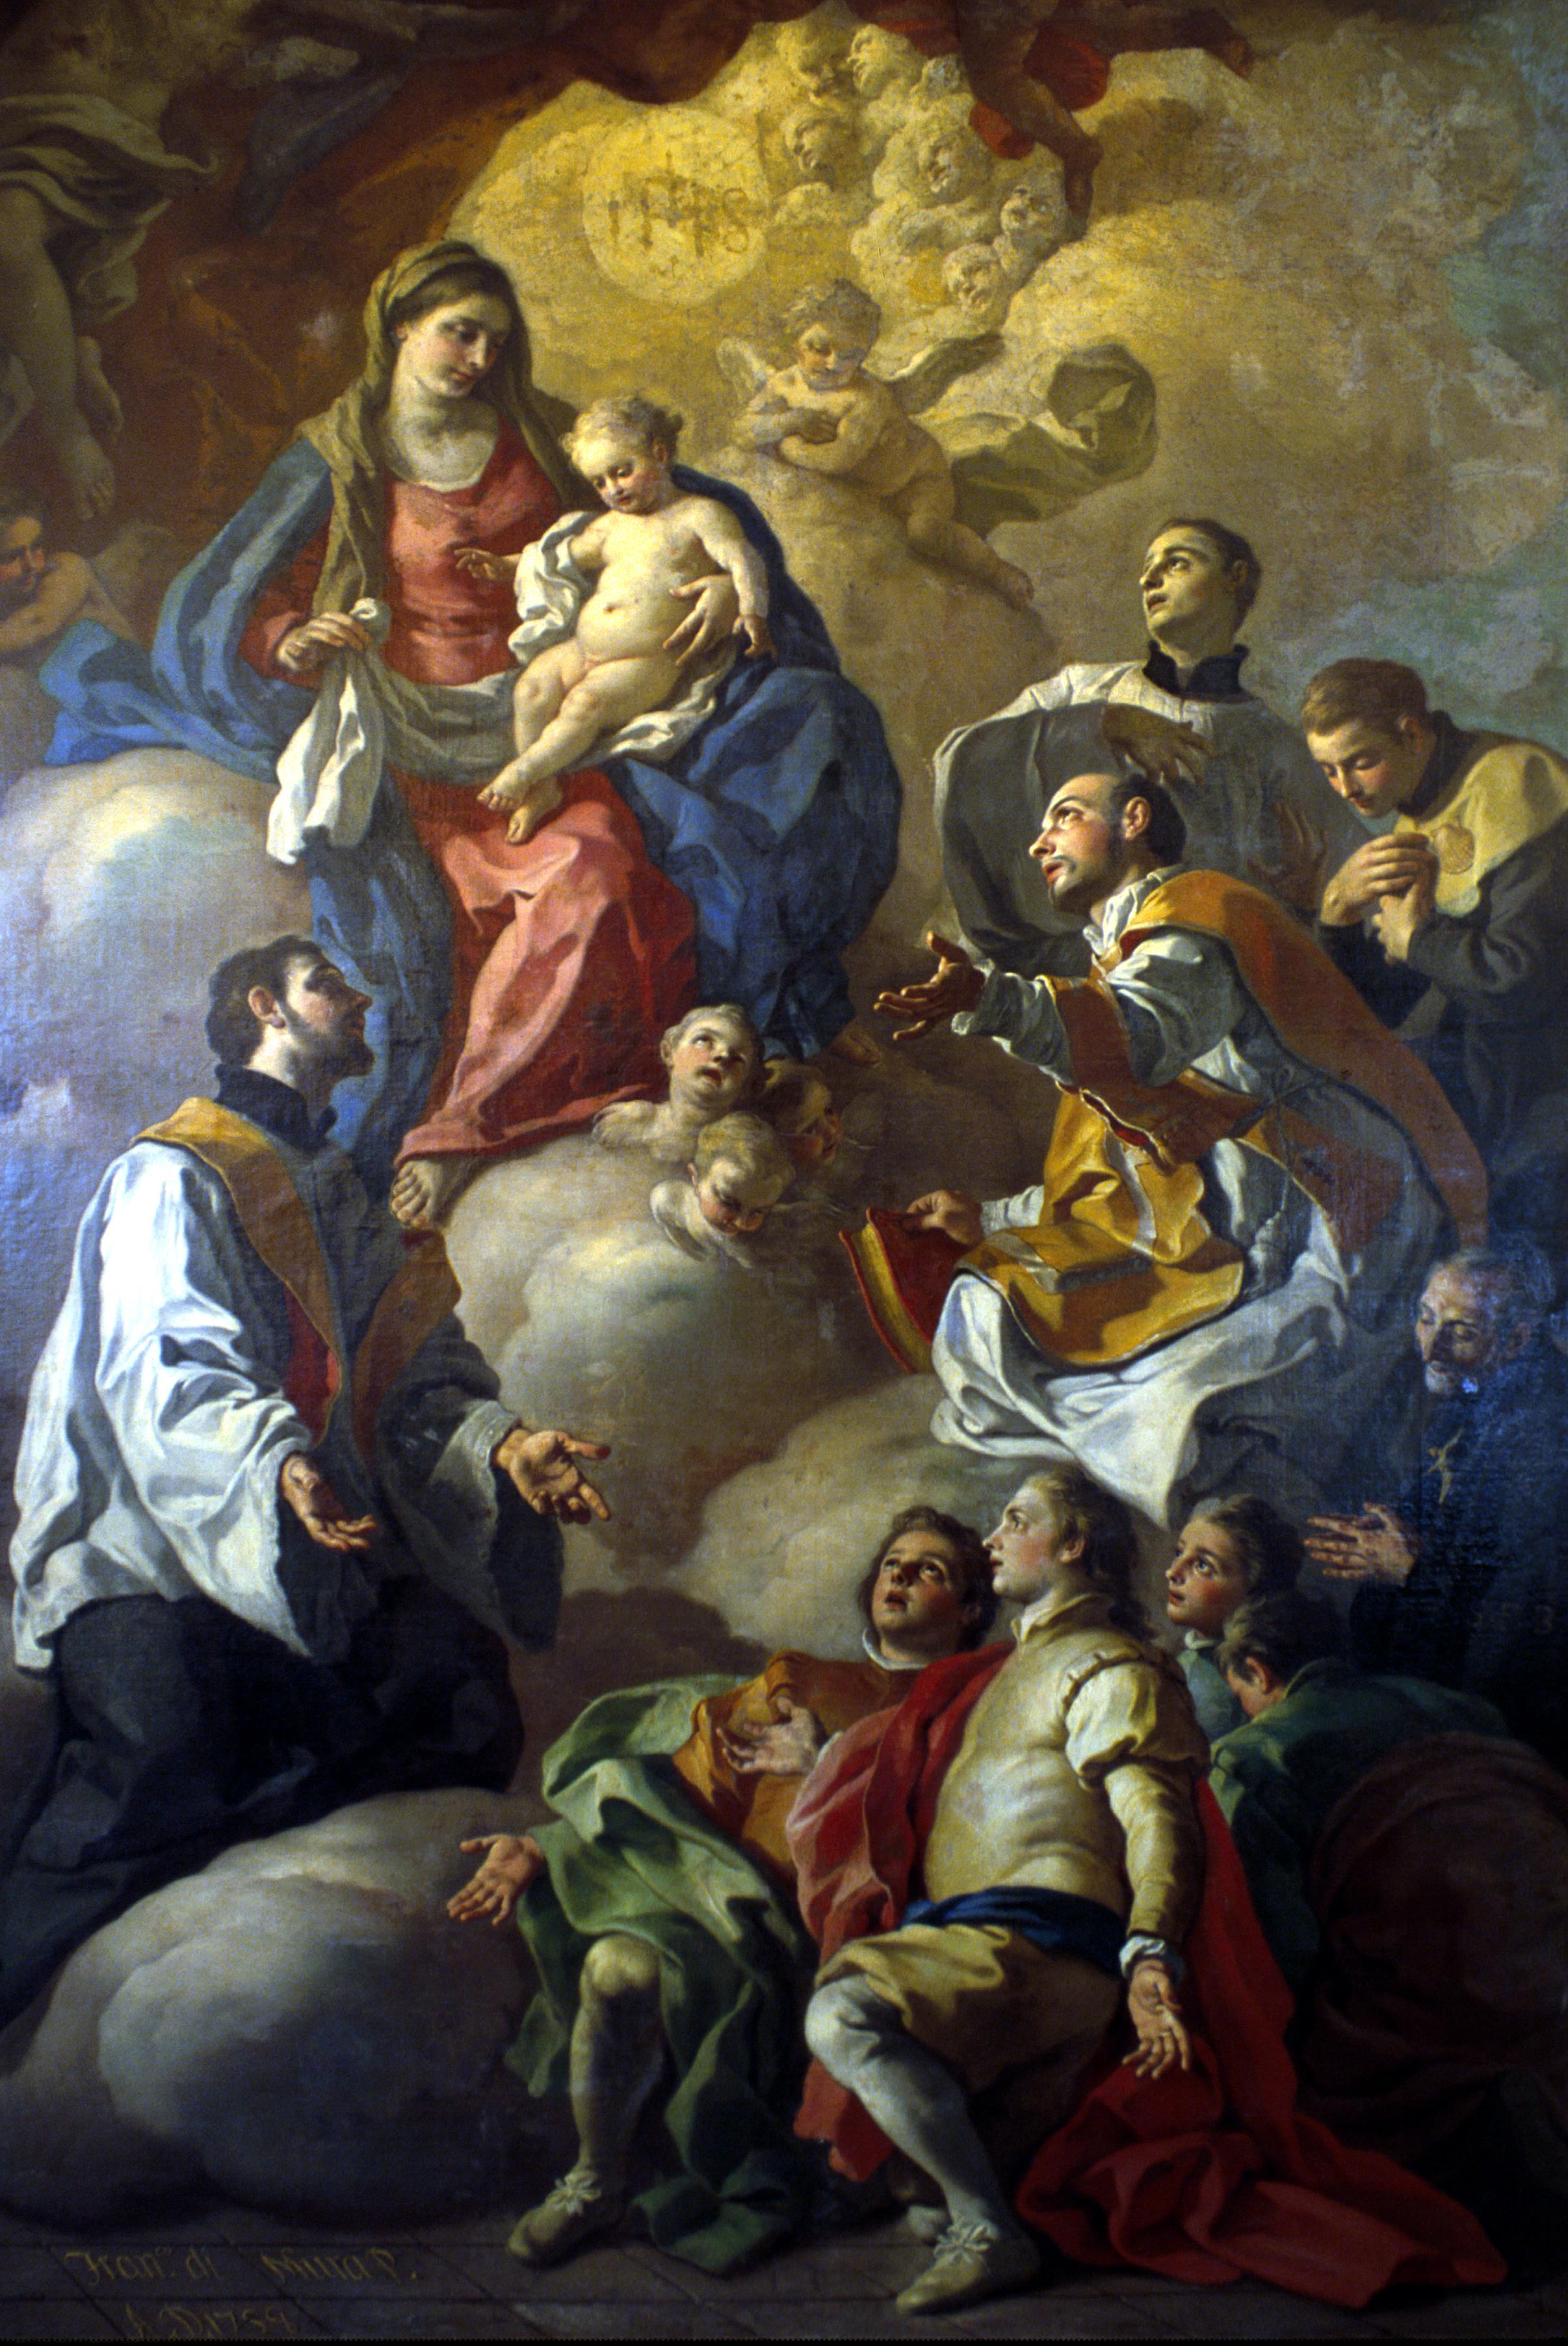 Pala altare Francesco de mura